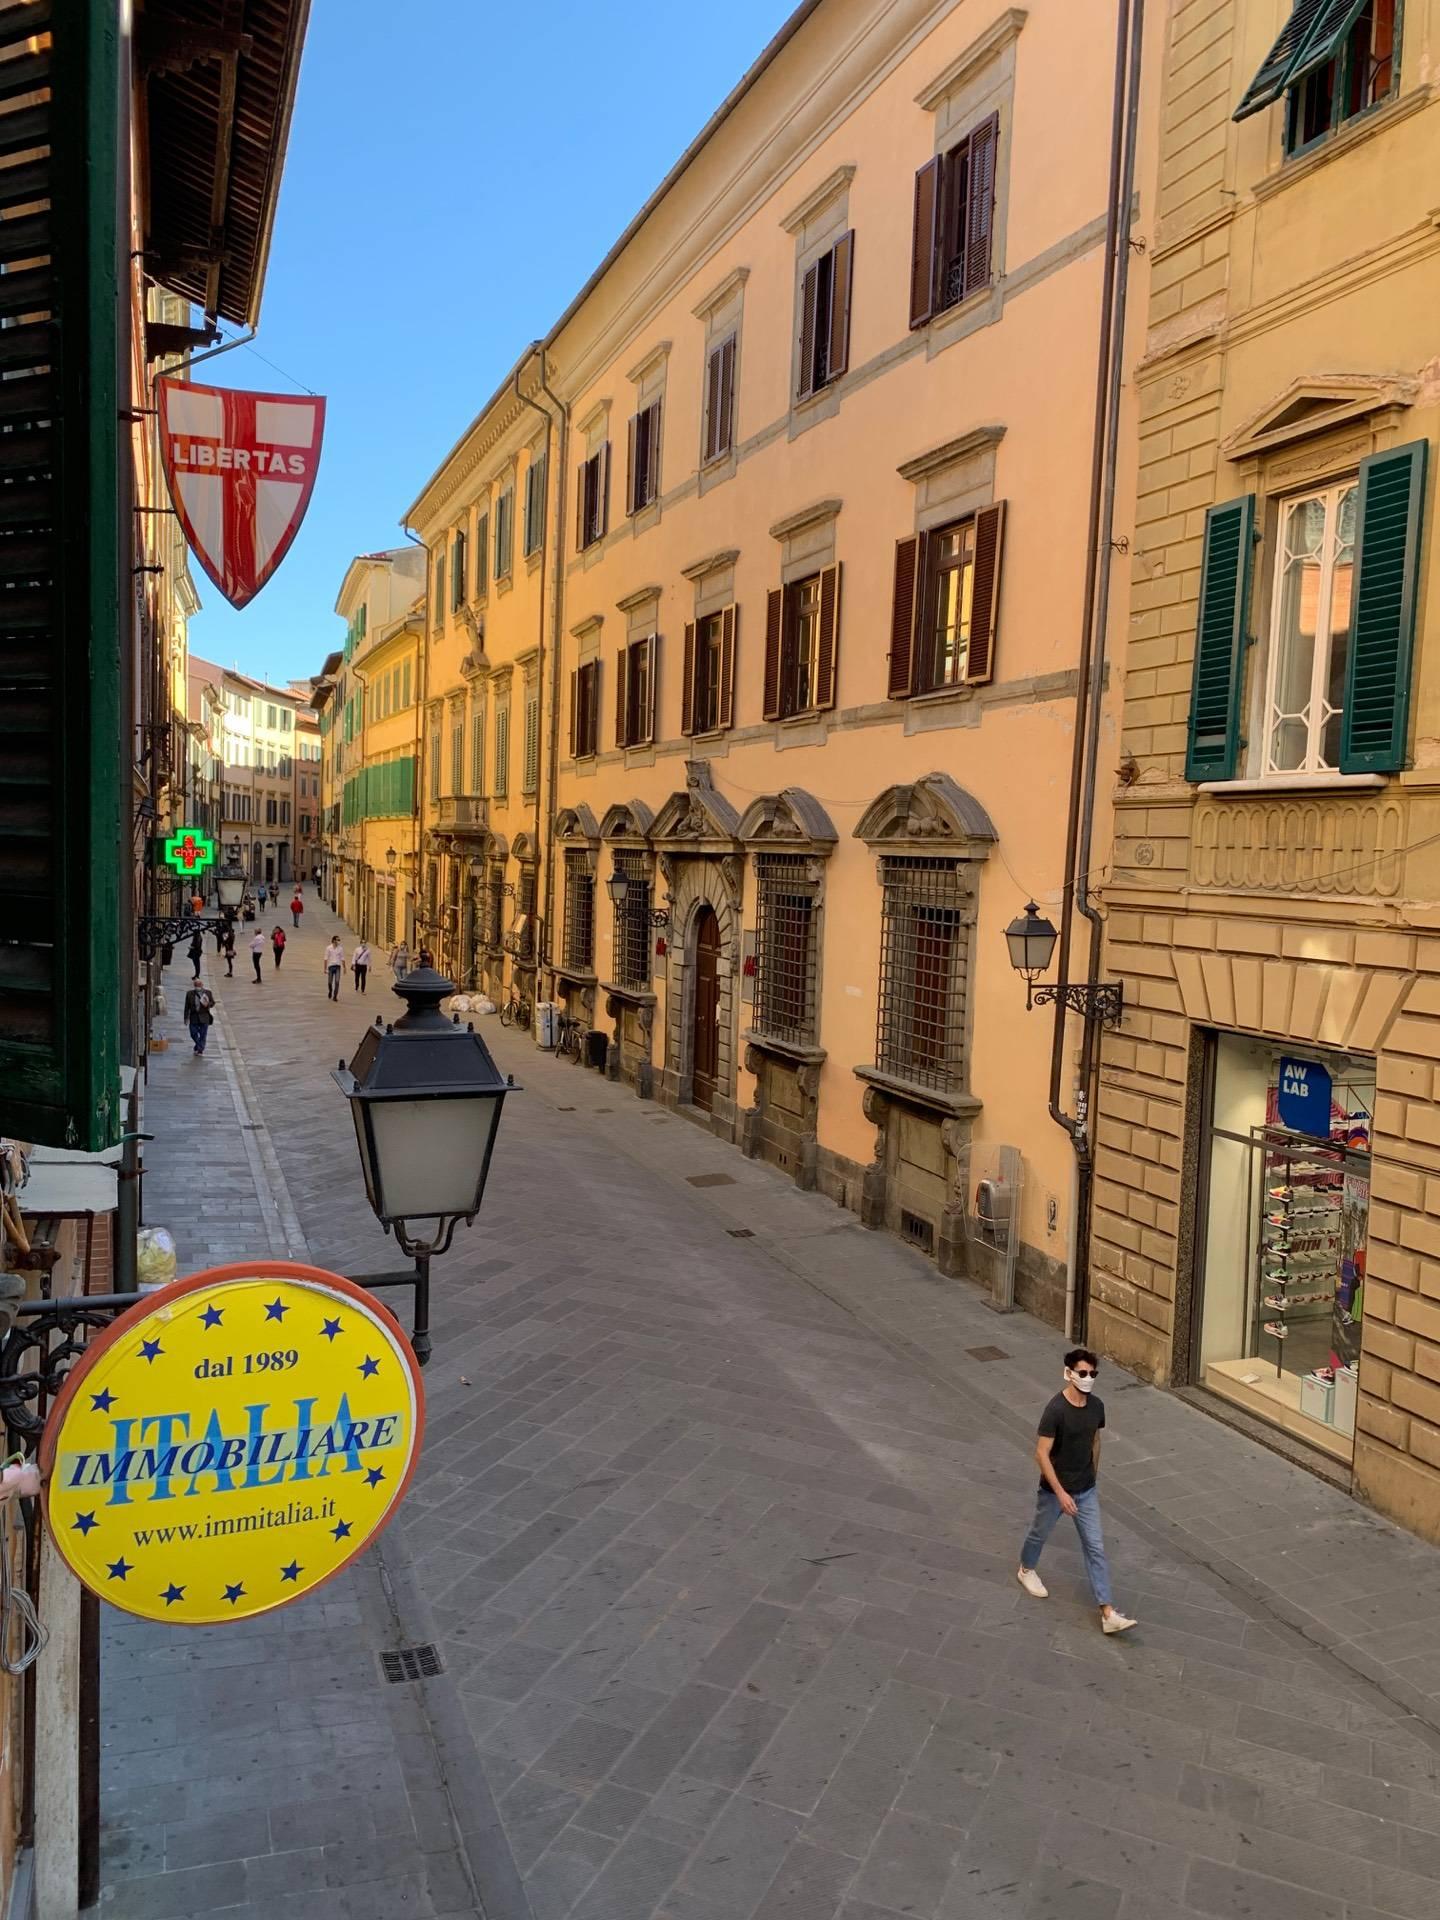 Attività commerciale a Pisa - lungarni - 01